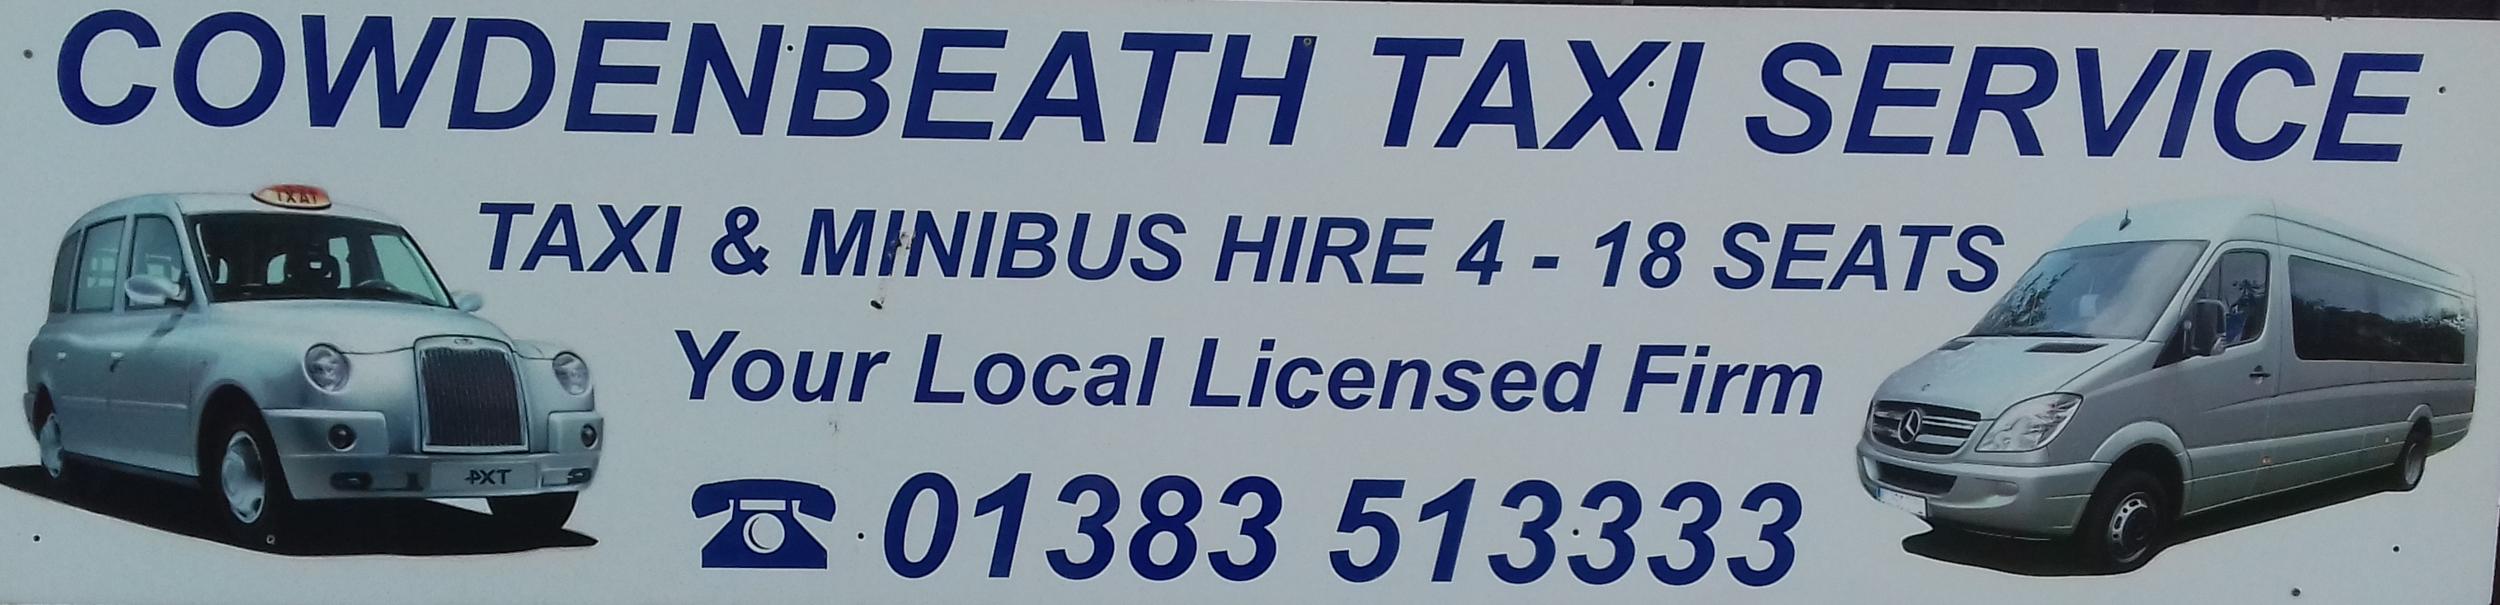 Cowdenbeath Taxi's Woodend Cowdenbeath Fife 01383 513333